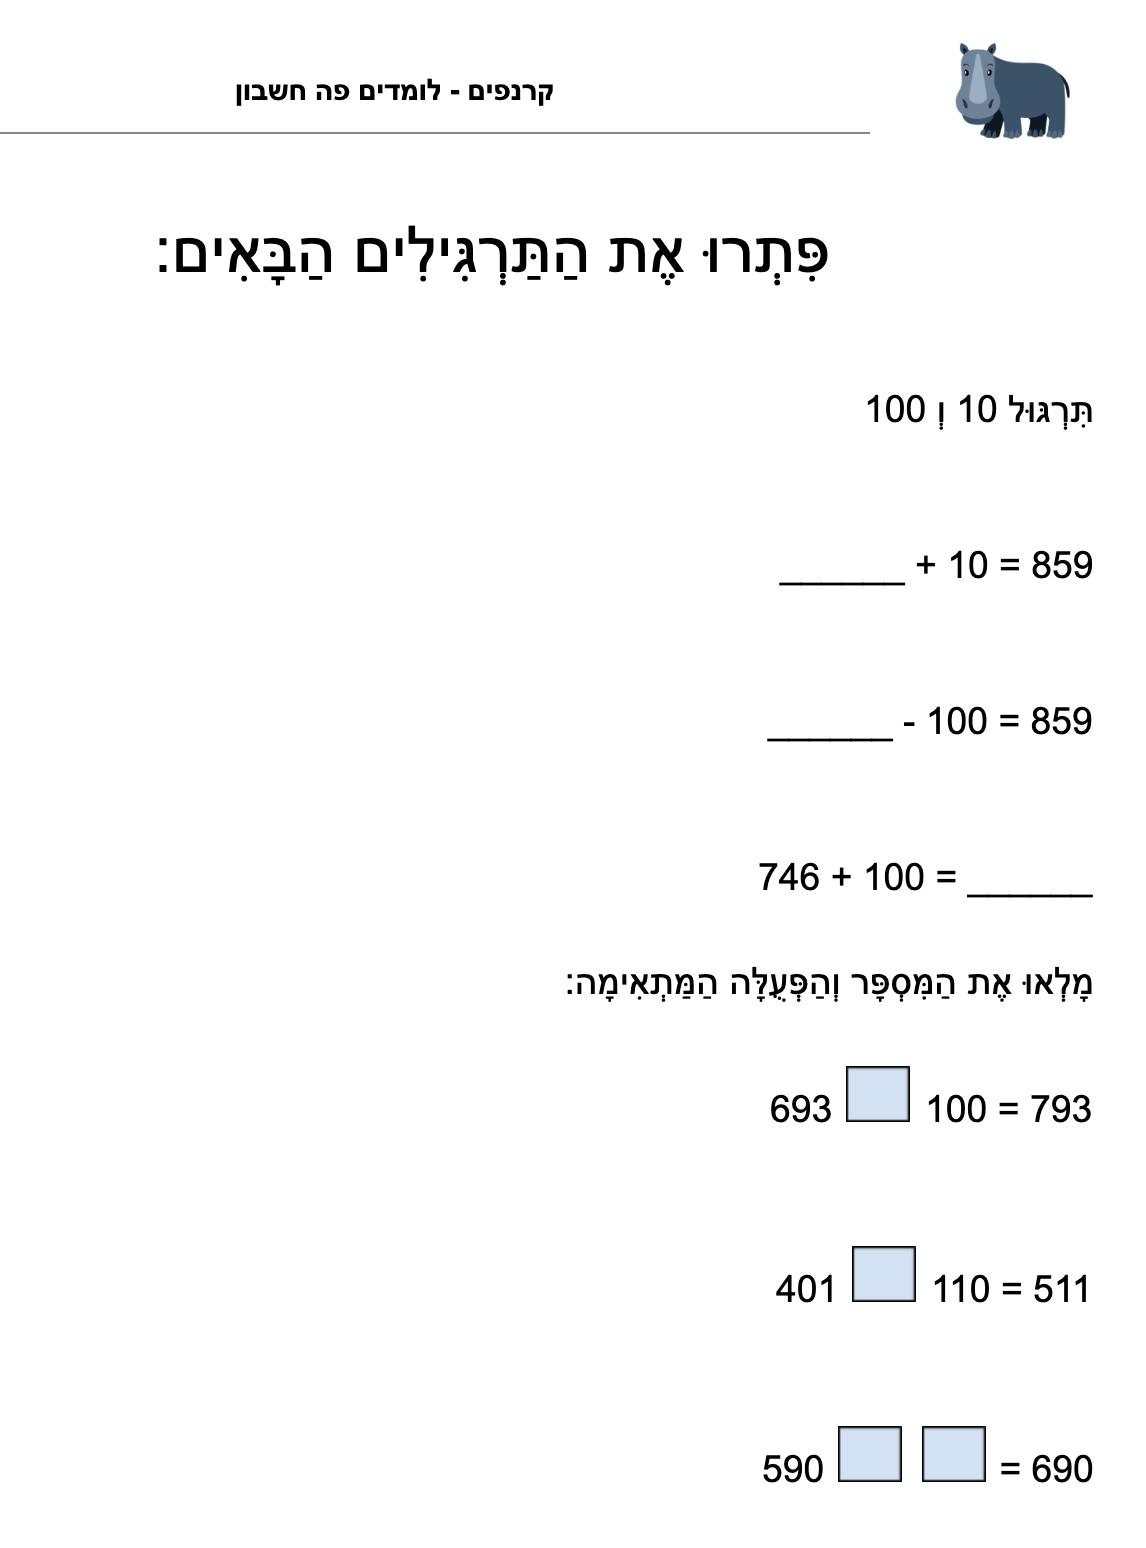 תרגילים ב 4 פעולות חשבון במספרים 10 ו 100 לכיתה ד׳